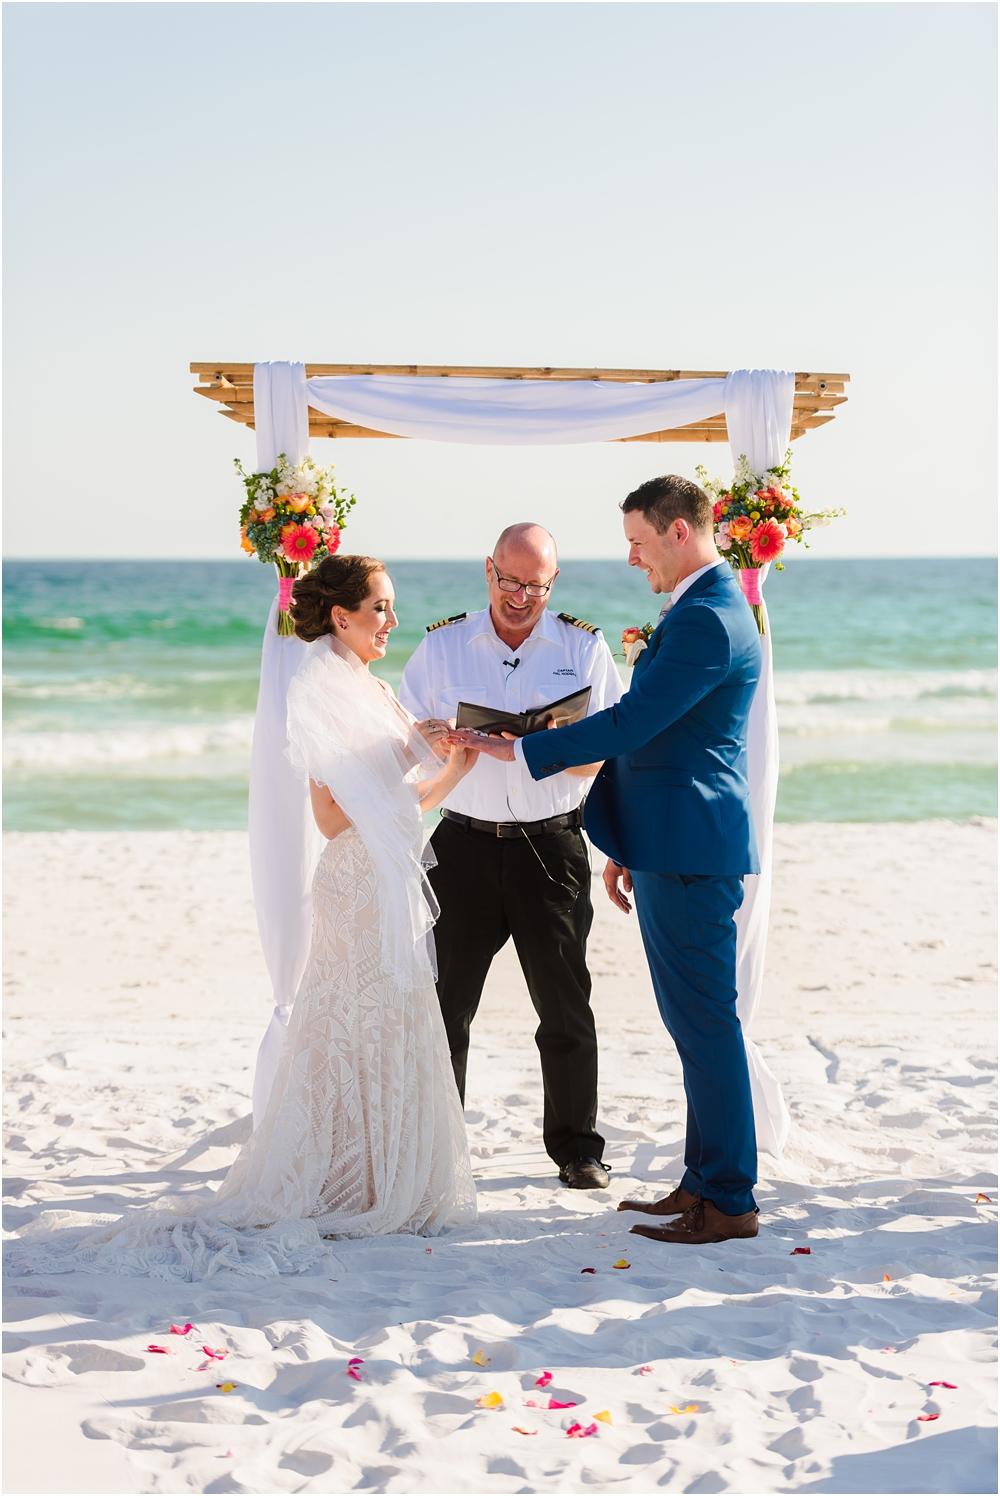 destin-sunquest-cruise-wedding-kiersten-stevenson-photography-52.jpg